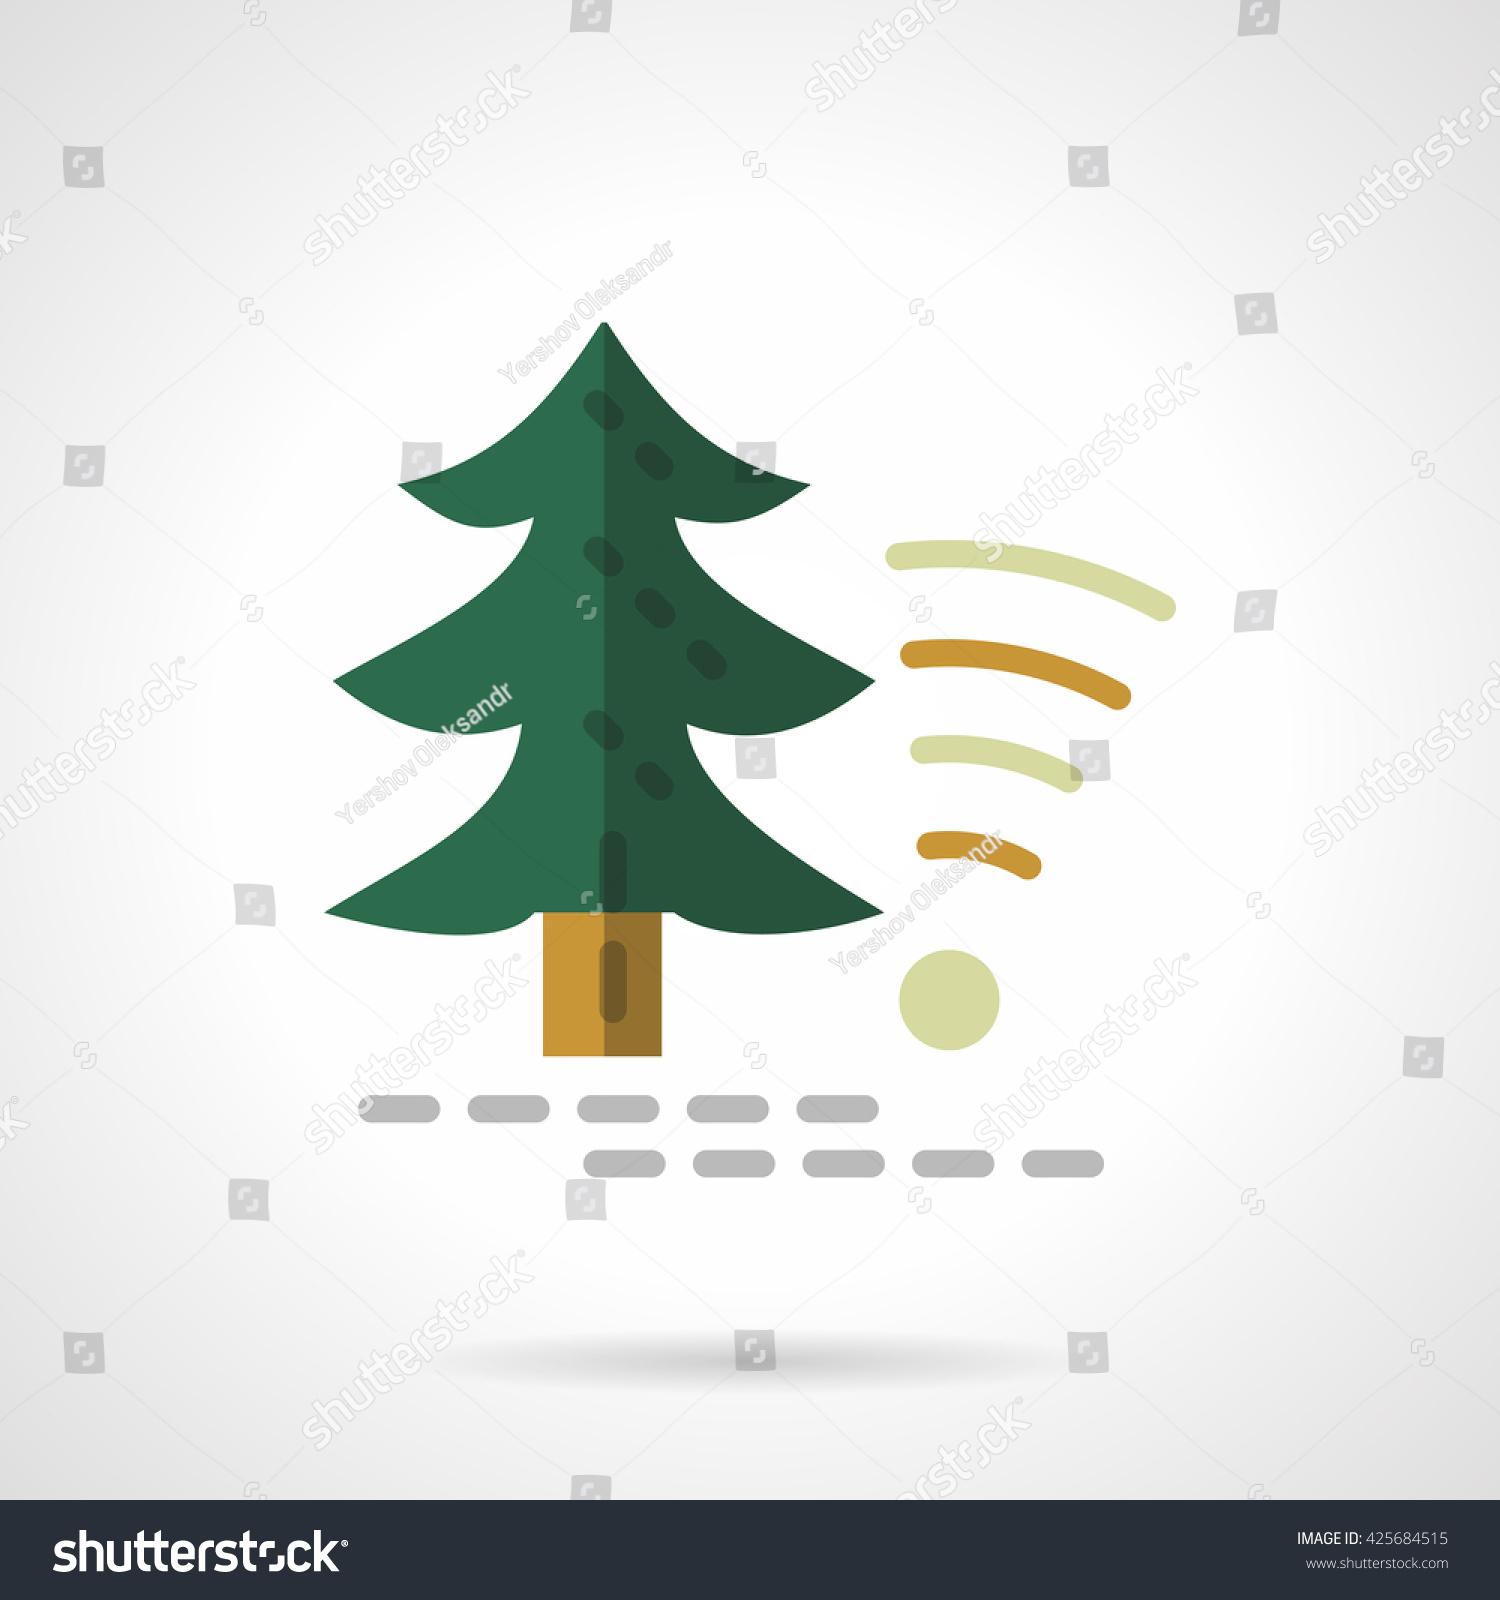 Green Fir Tree Object Wireless Sign Stock Vector 425684515 ...